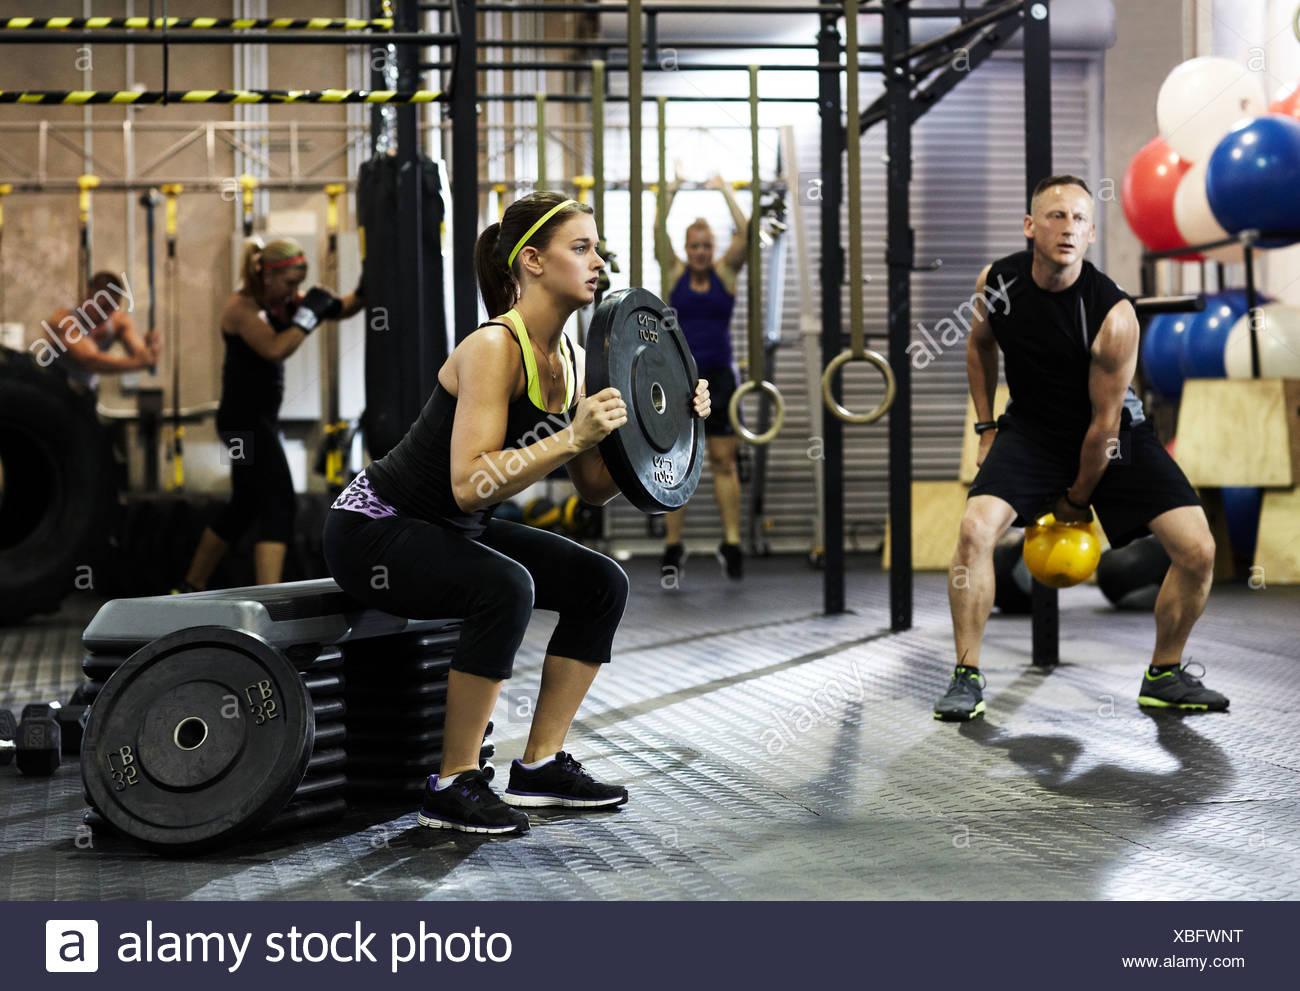 Circuito Gym : Circuito quema calorías de comidas navideñas soy o